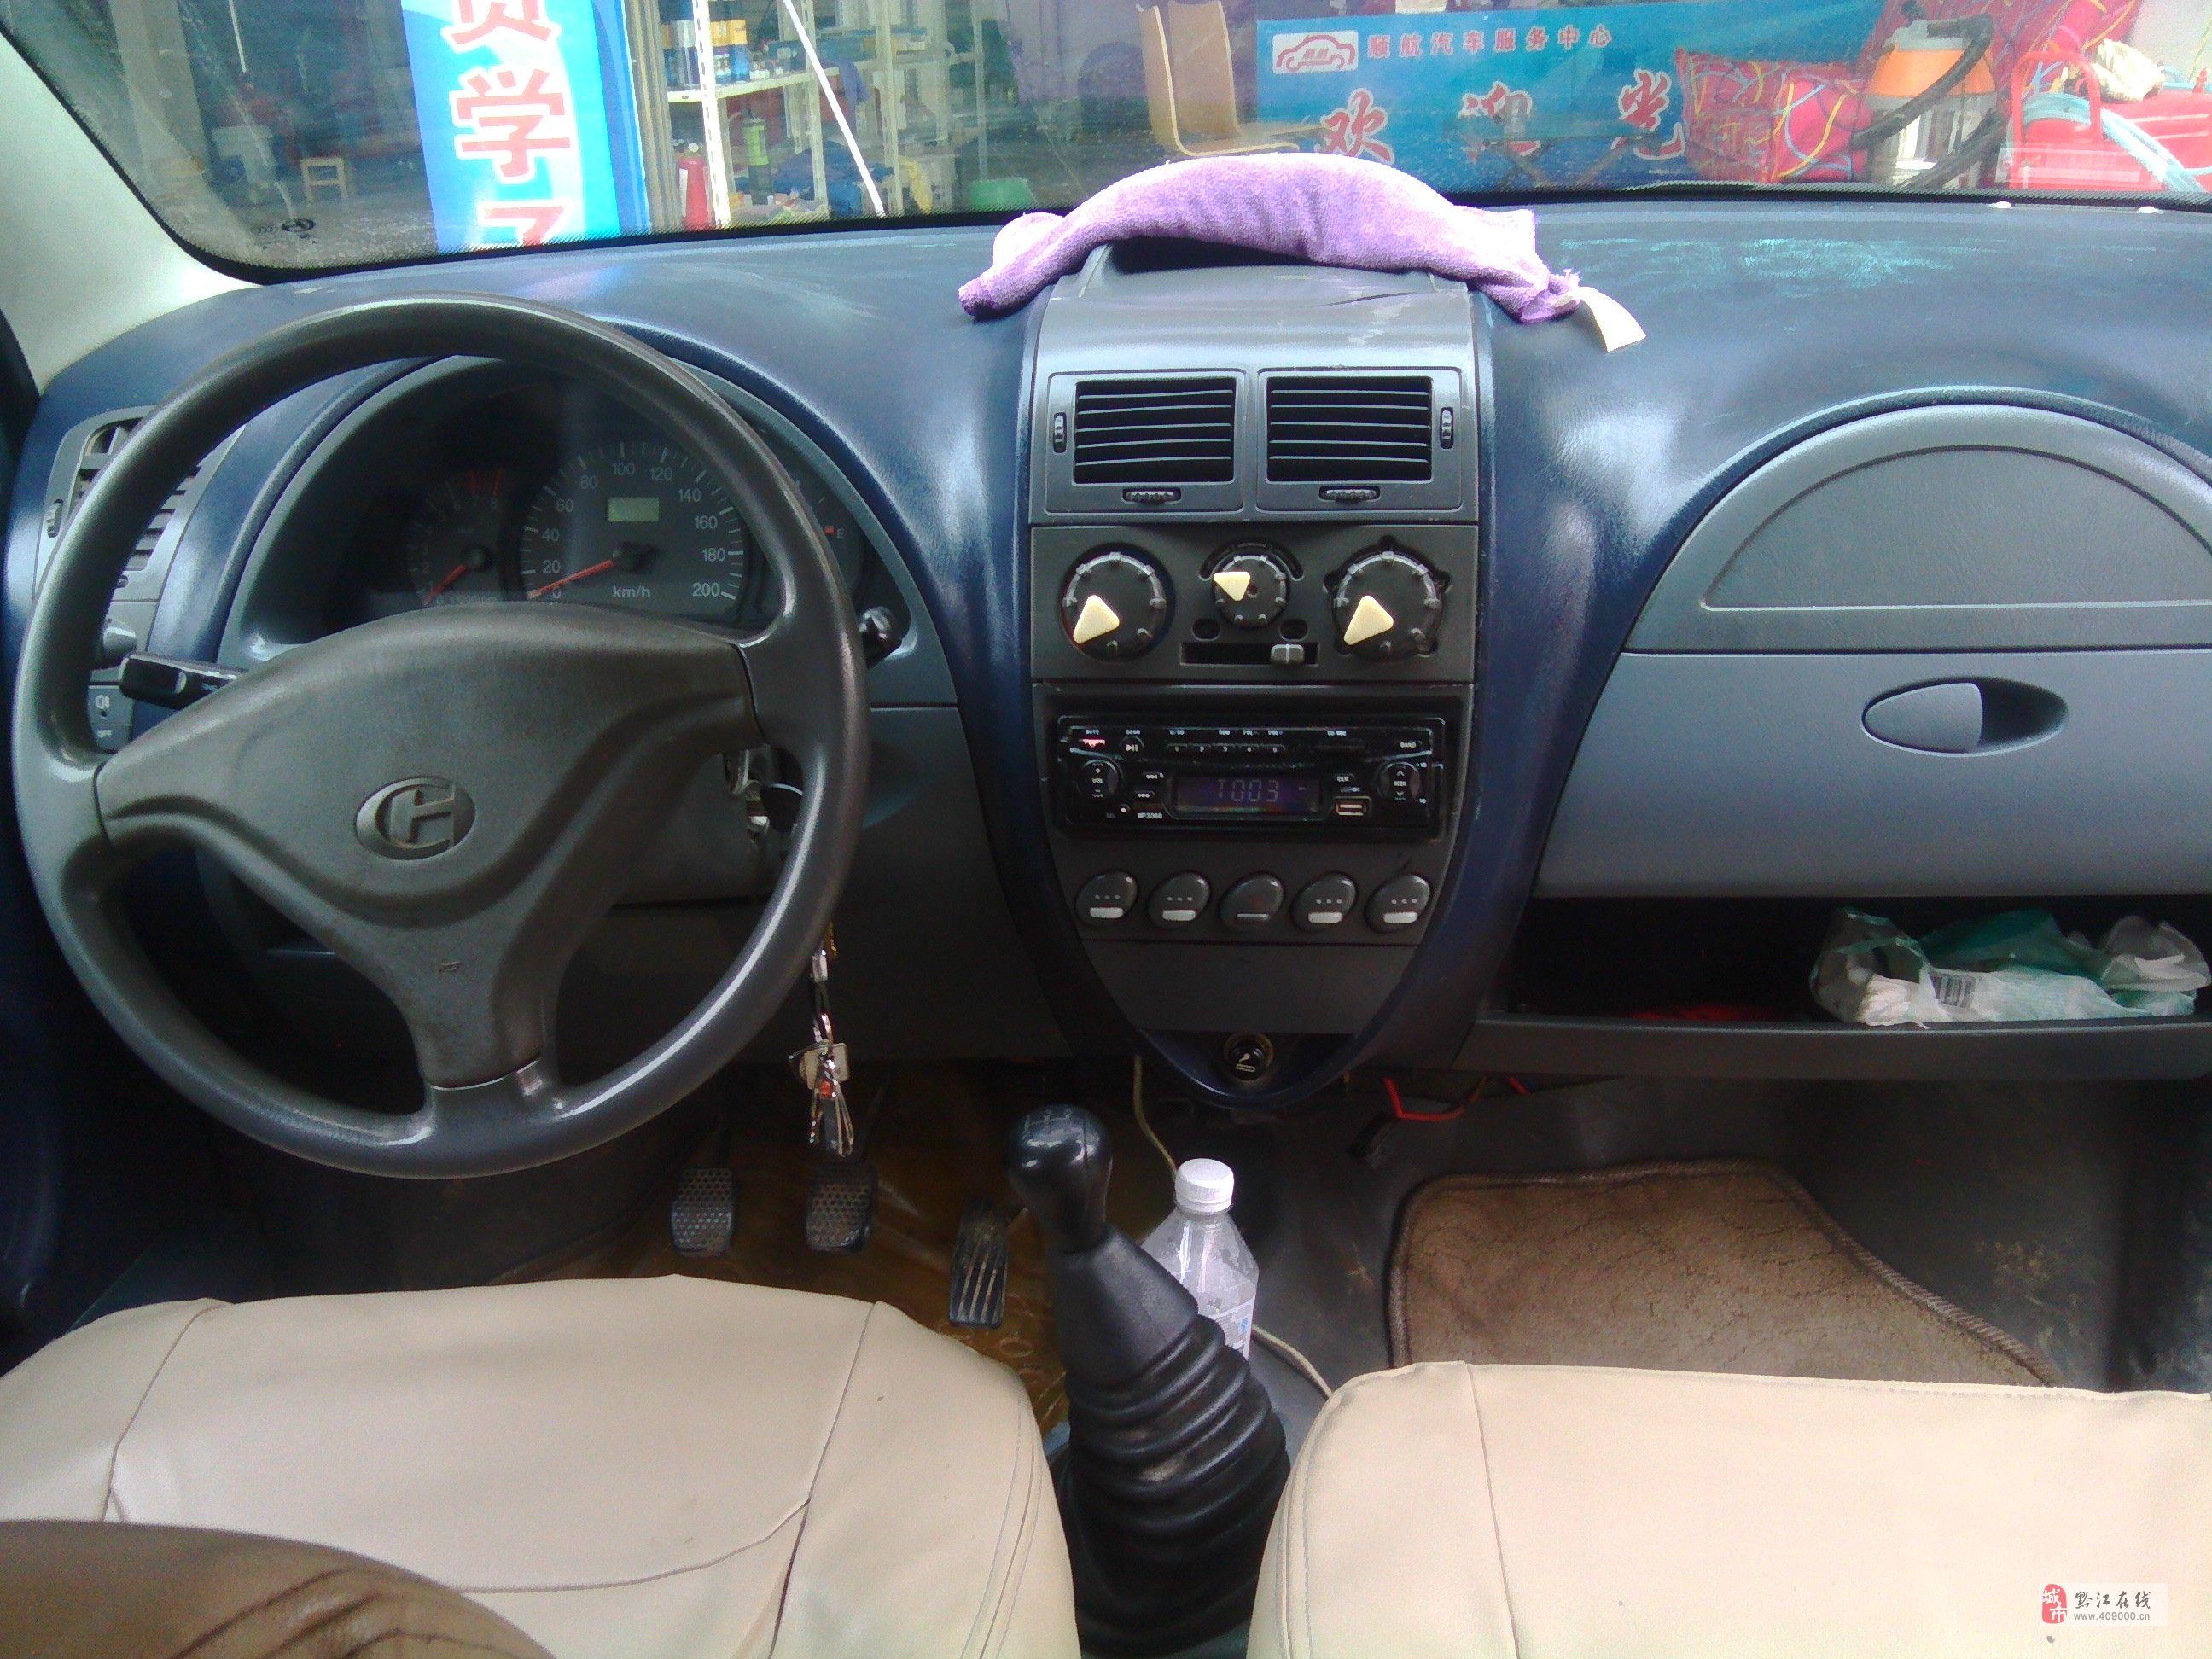 昌河爱迪尔,此车发动机安静有力,保养好,私人代步用车.保险高清图片